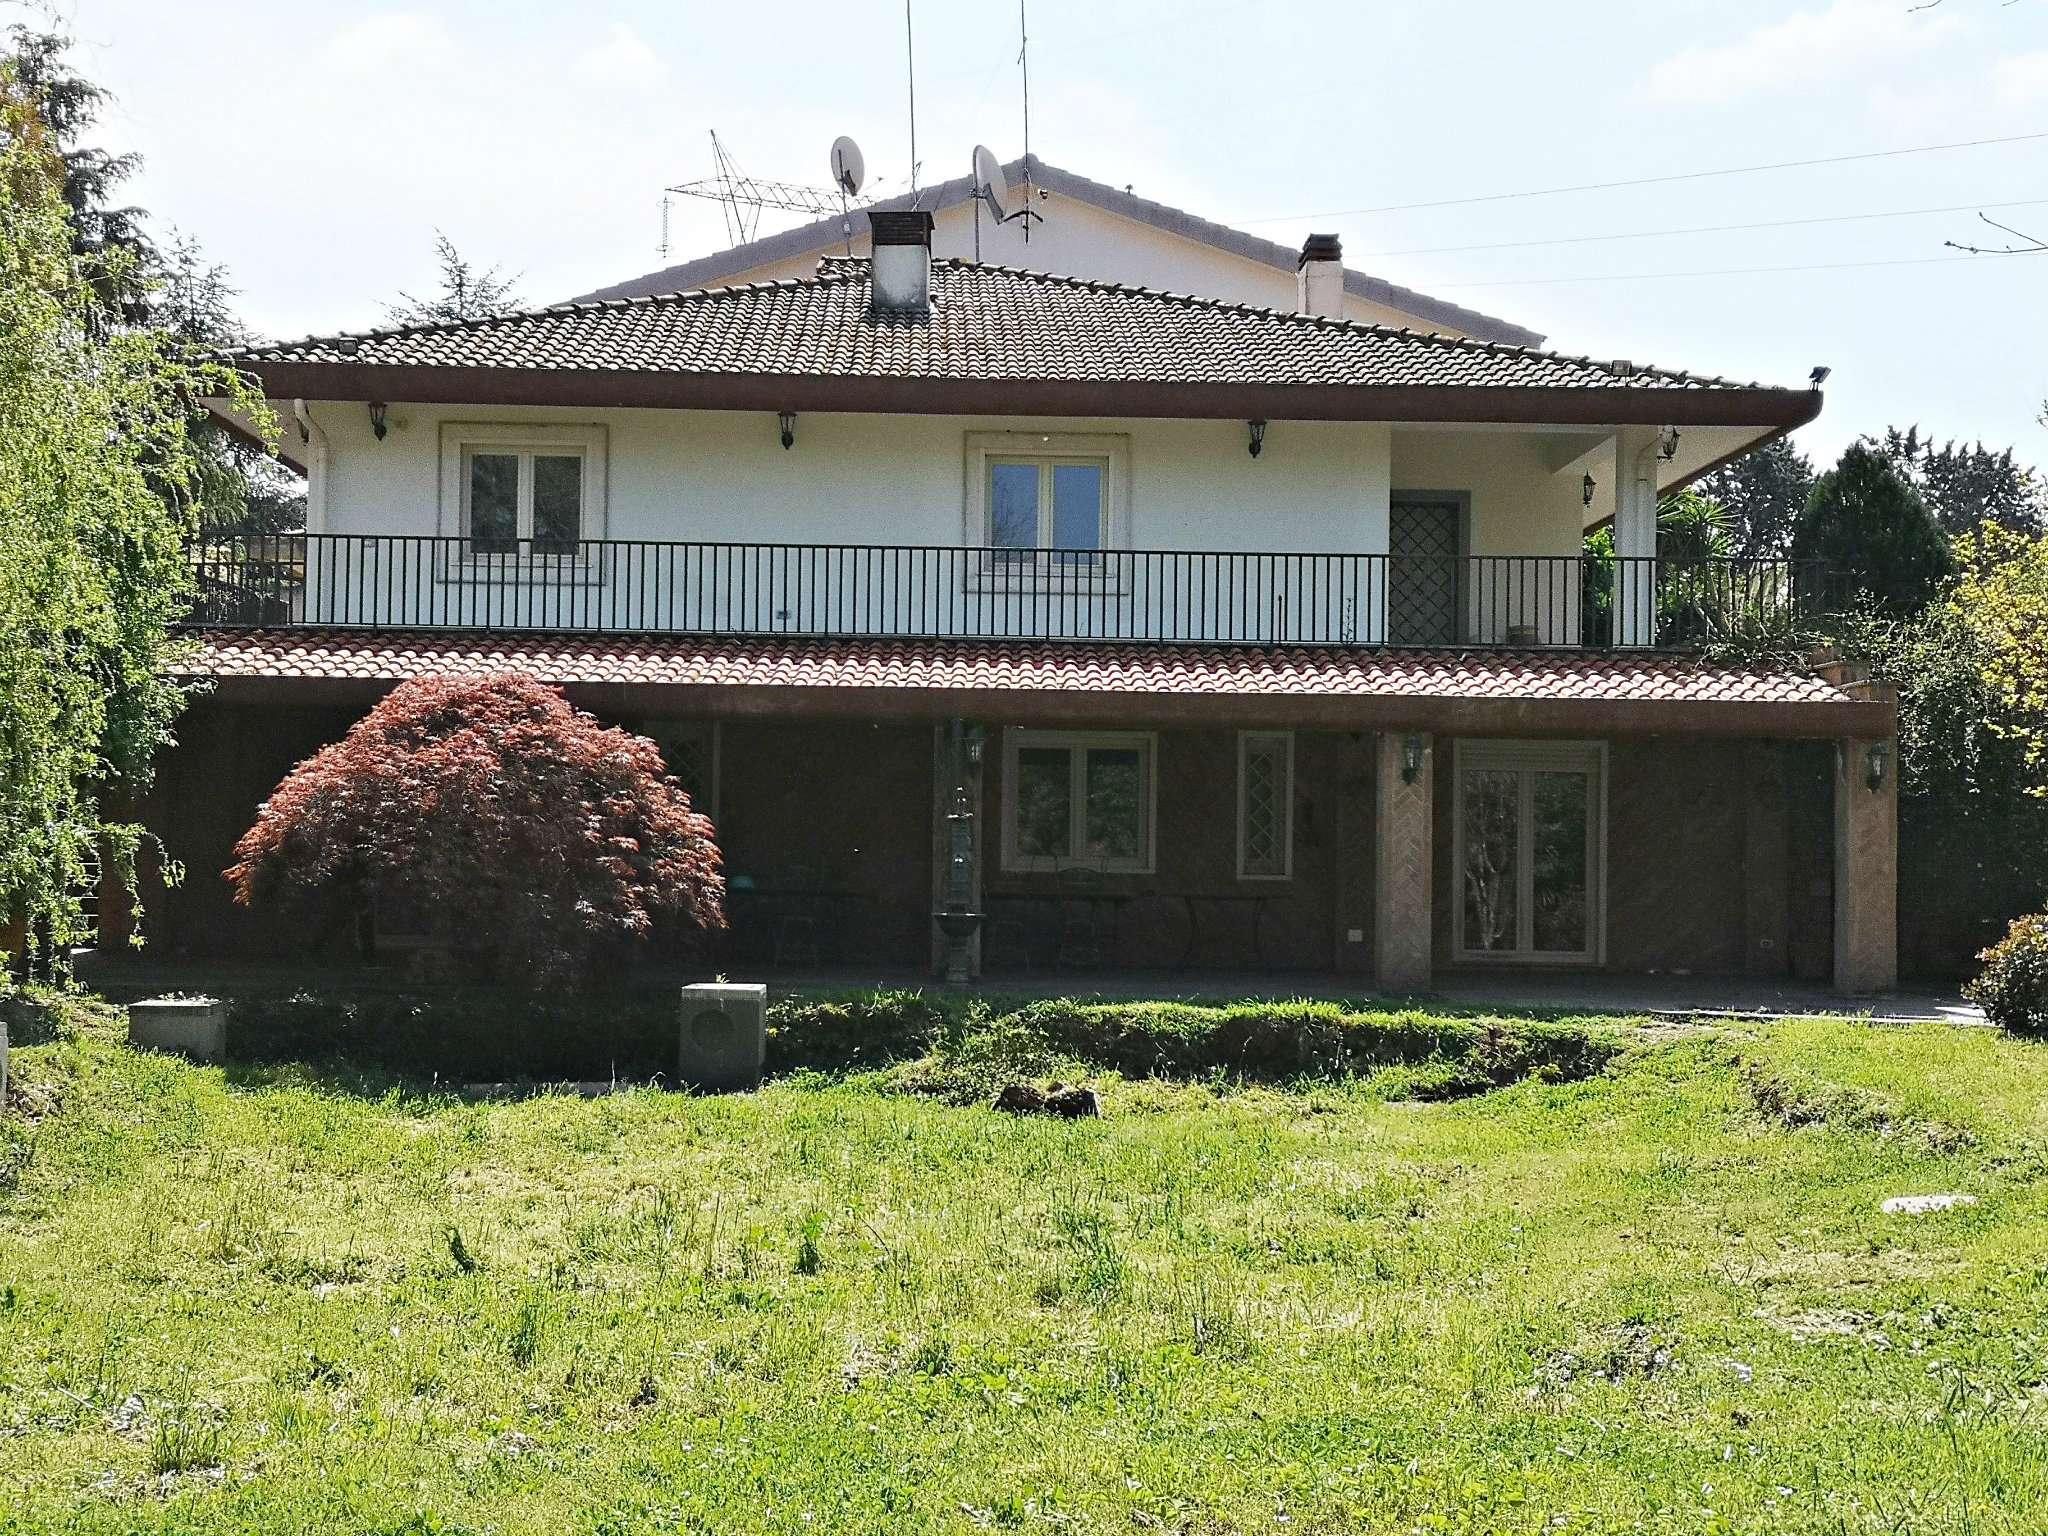 Villa Bifamiliare in vendita a Roma, 7 locali, zona Zona: 42 . Cassia - Olgiata, prezzo € 560.000 | CambioCasa.it